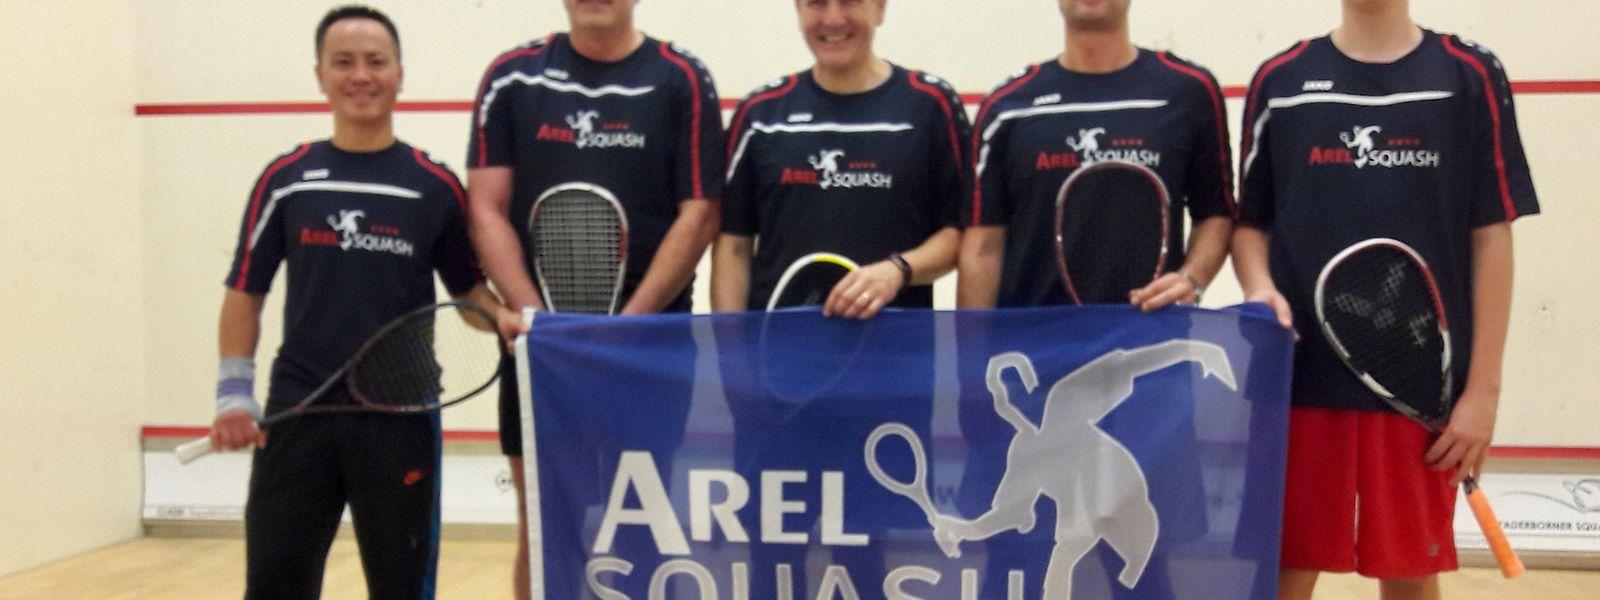 L'équipe de l'Arel Squash qui a pris part à la Coupe d'Europe.